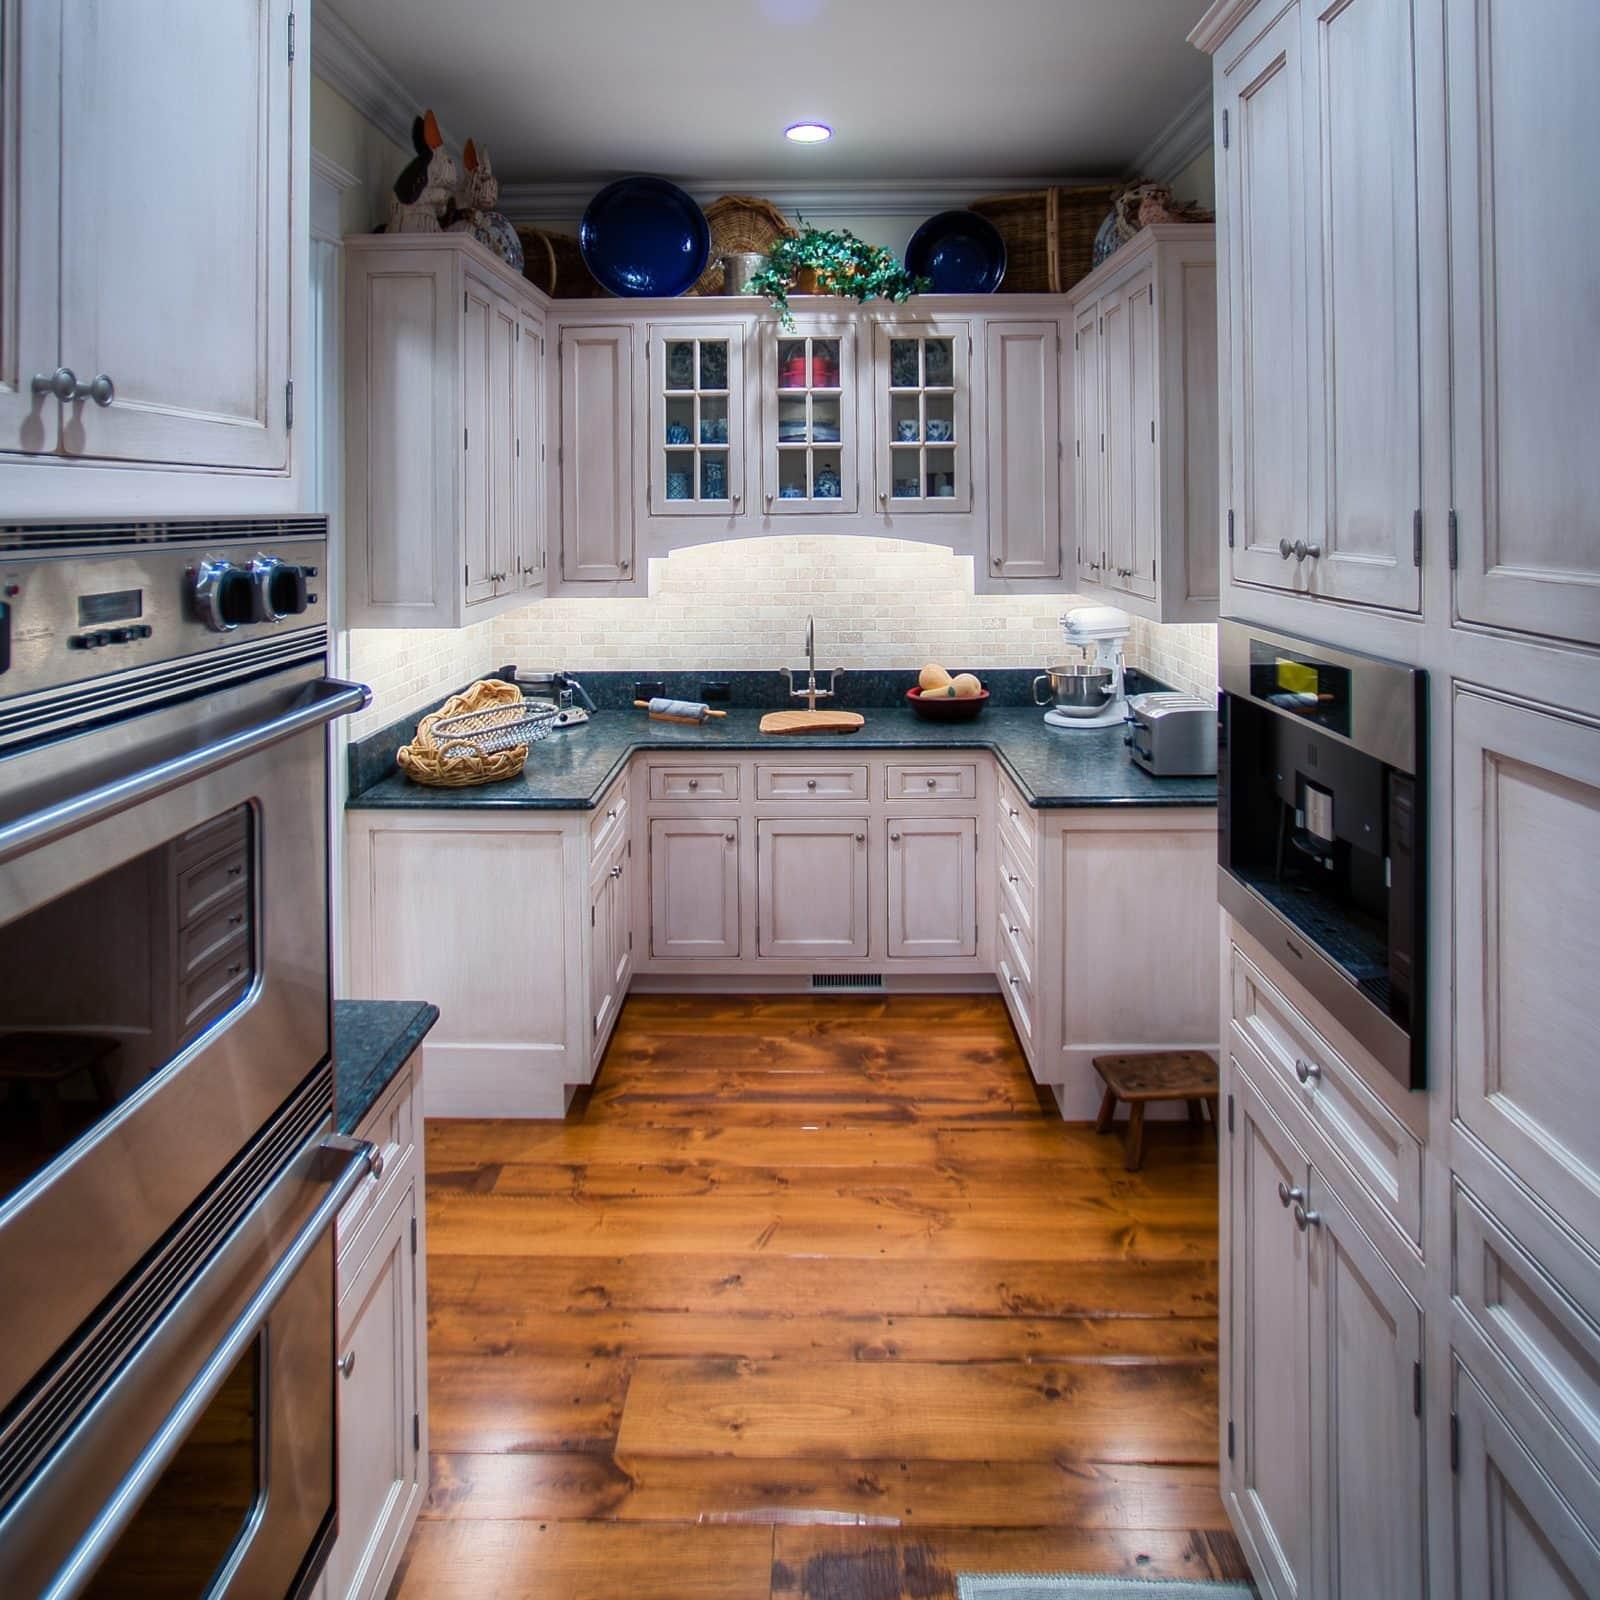 butler's kitchen in luxury home designed by Stillwater Architecture